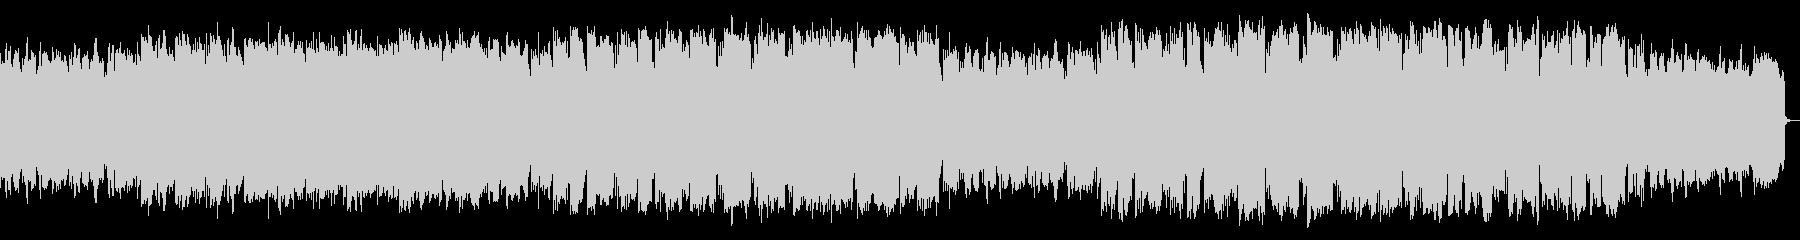 ピアノ・管の、ほのぼのメロディアスPopの未再生の波形